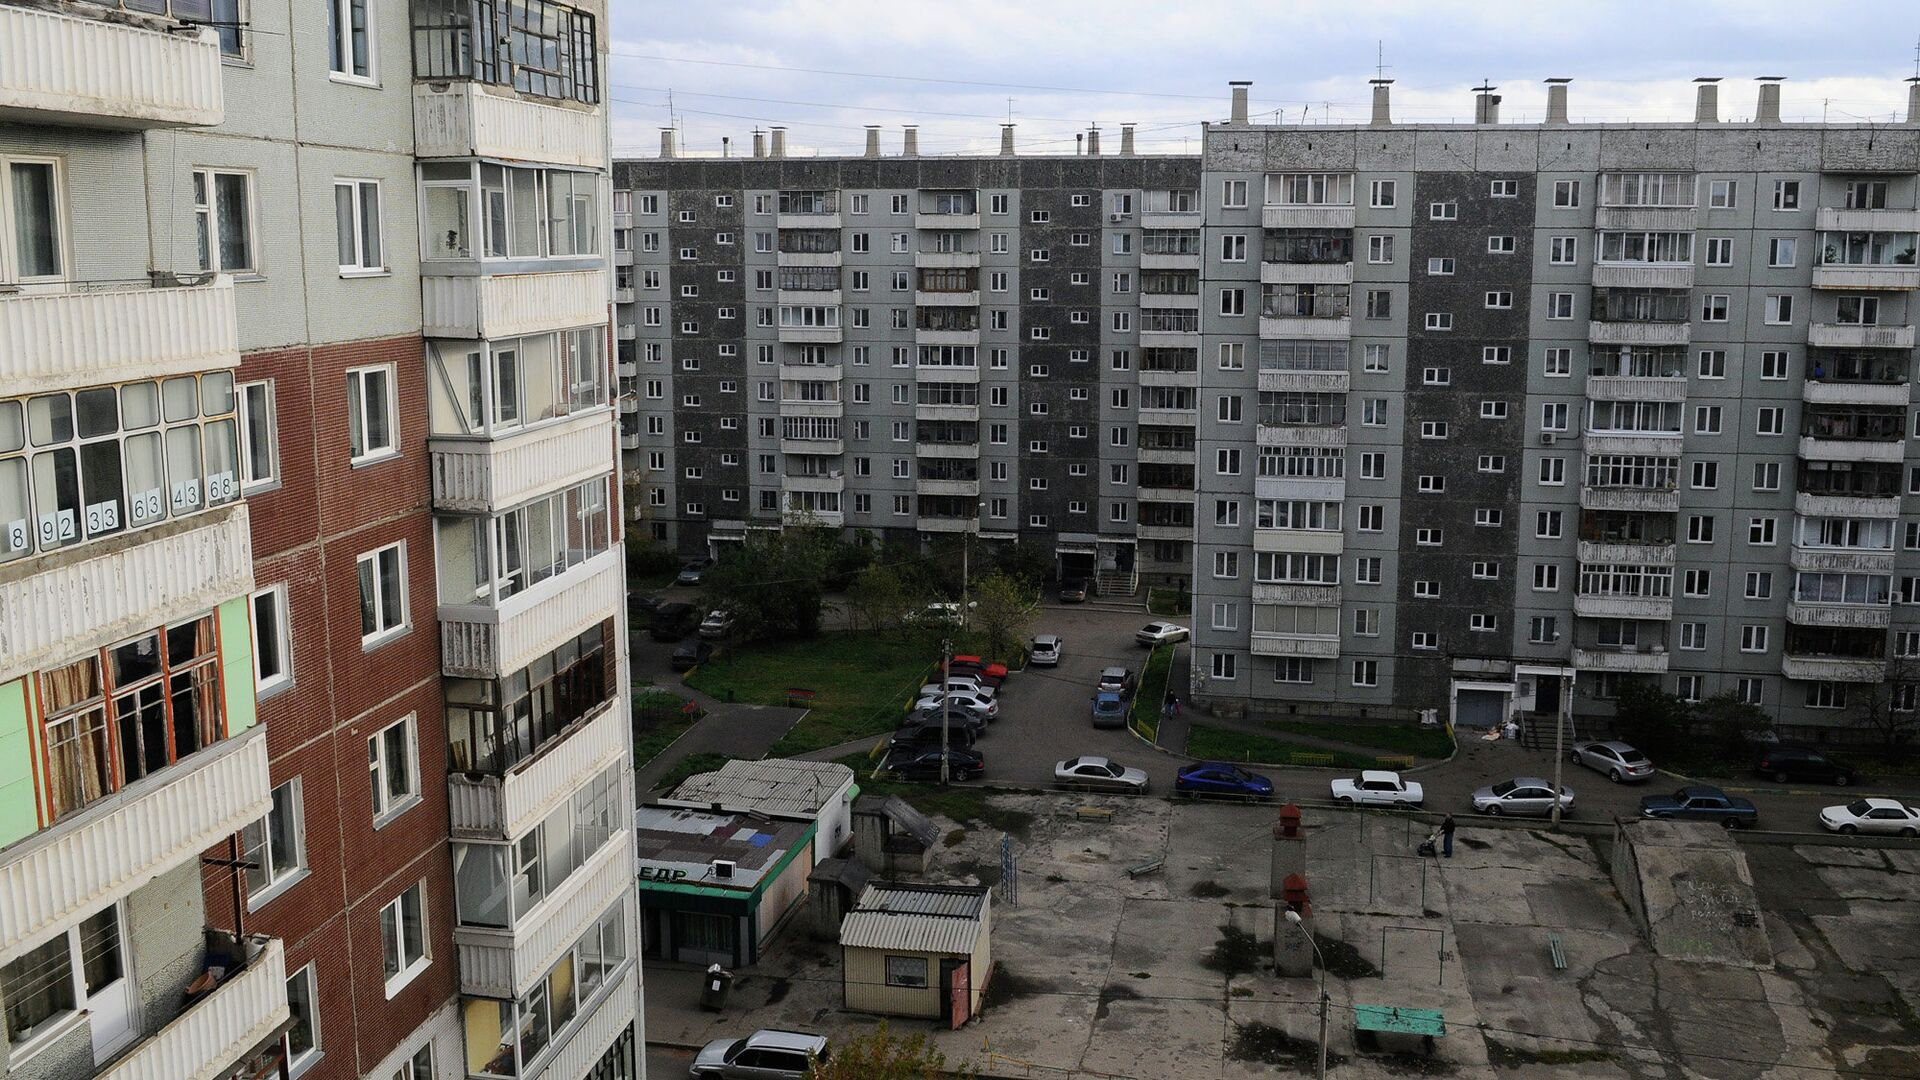 Многоэтажная застройка - РИА Новости, 1920, 29.01.2018